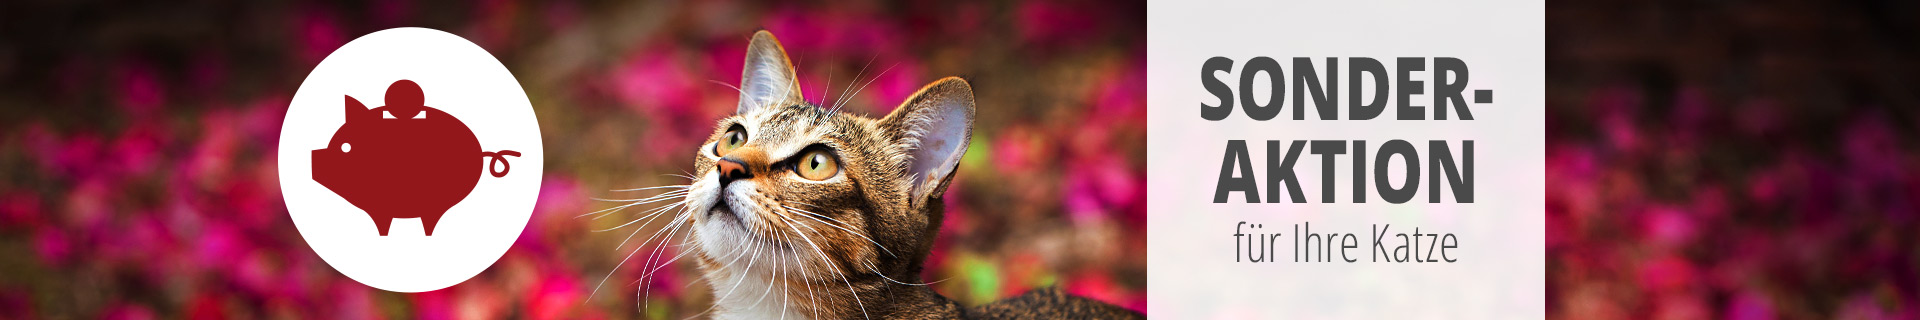 Sonderaktion Katze